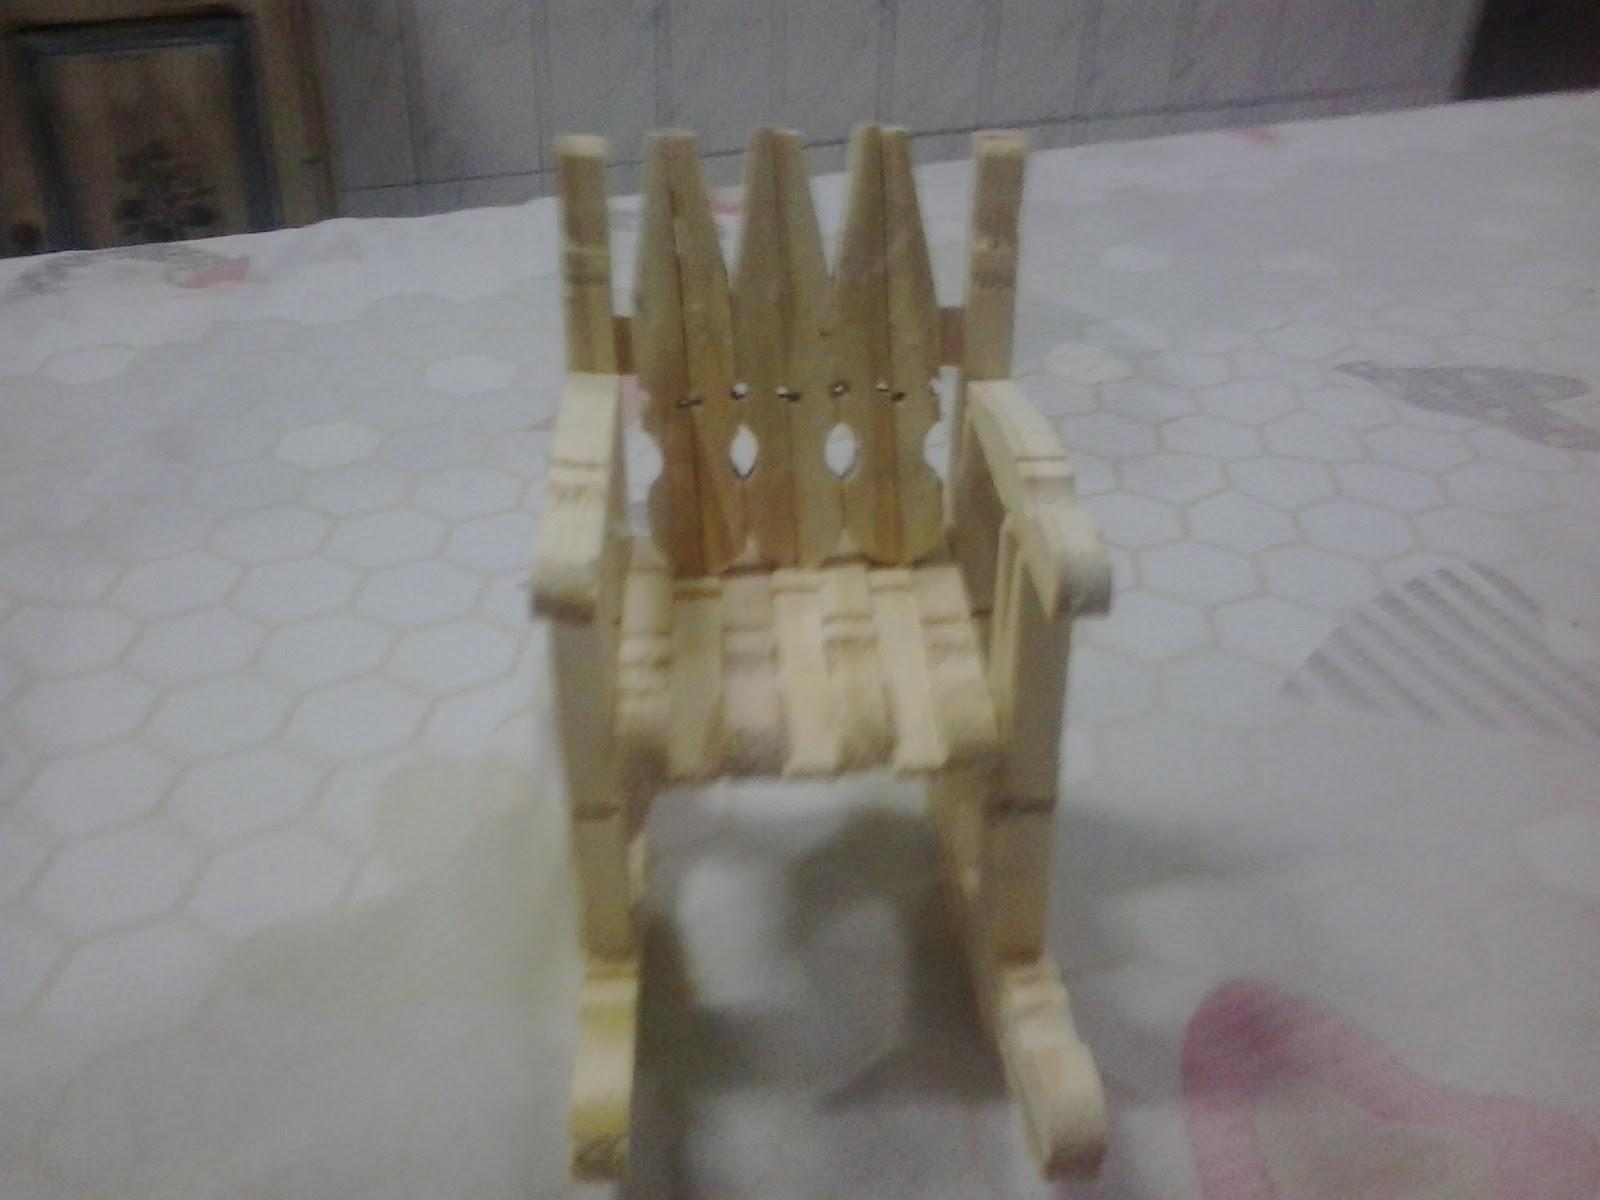 #5E4F38 Artesanato do Amigão: Cadeira de balanço pregador 1600x1200 px cadeira de balanço com pregador @ bernauer.info Móveis Antigos Novos E Usados Online